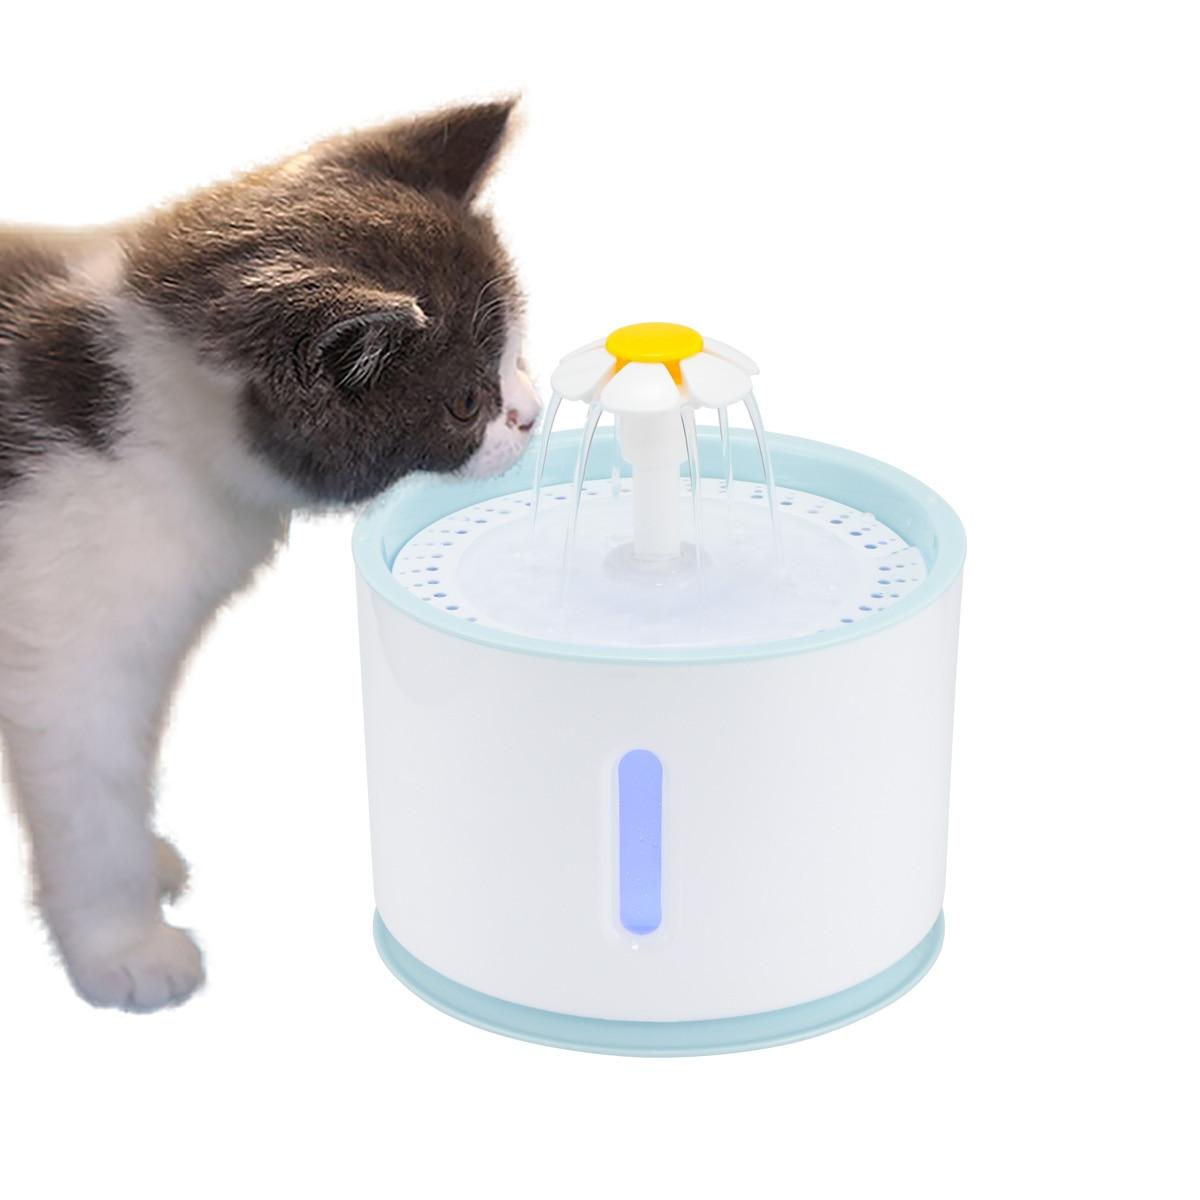 Fonte de água automática do gato com fonte de água elétrica led cão gato pet bebedor tigela pet beber fonte 2.4l|Suprimentos de alimentação para gatos|   - AliExpress